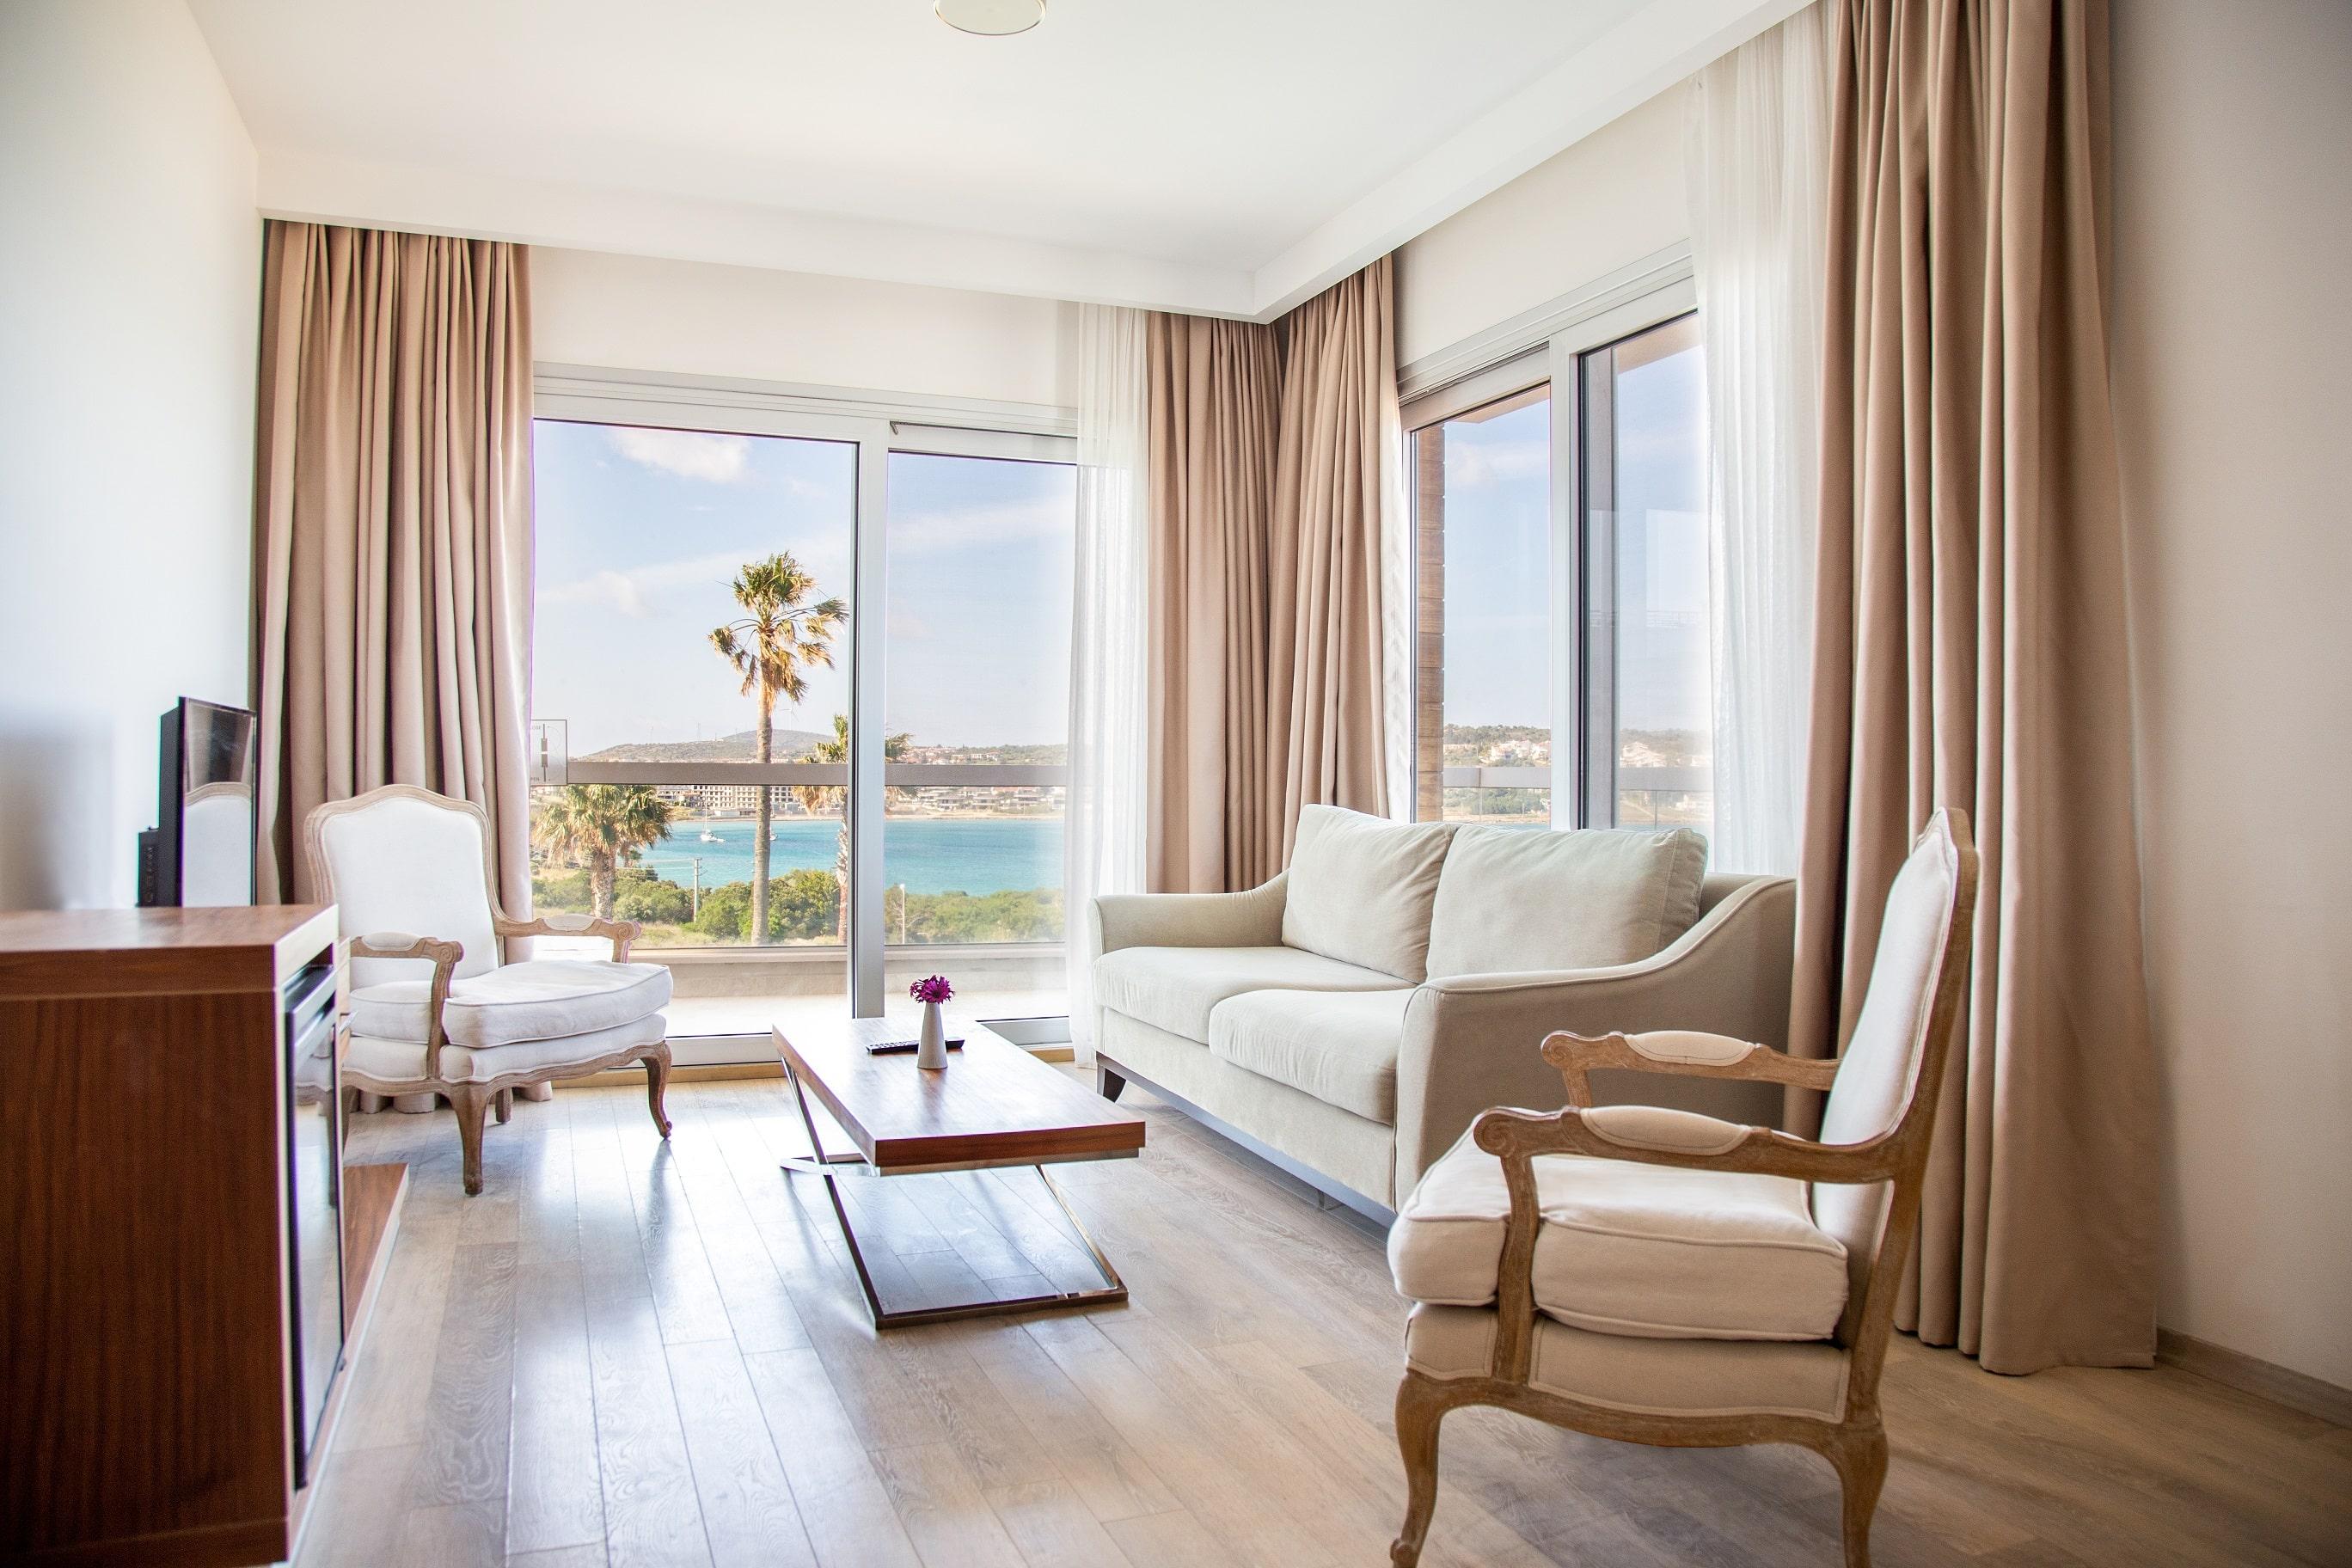 casa-de-playa-hotel-suit-oda-2